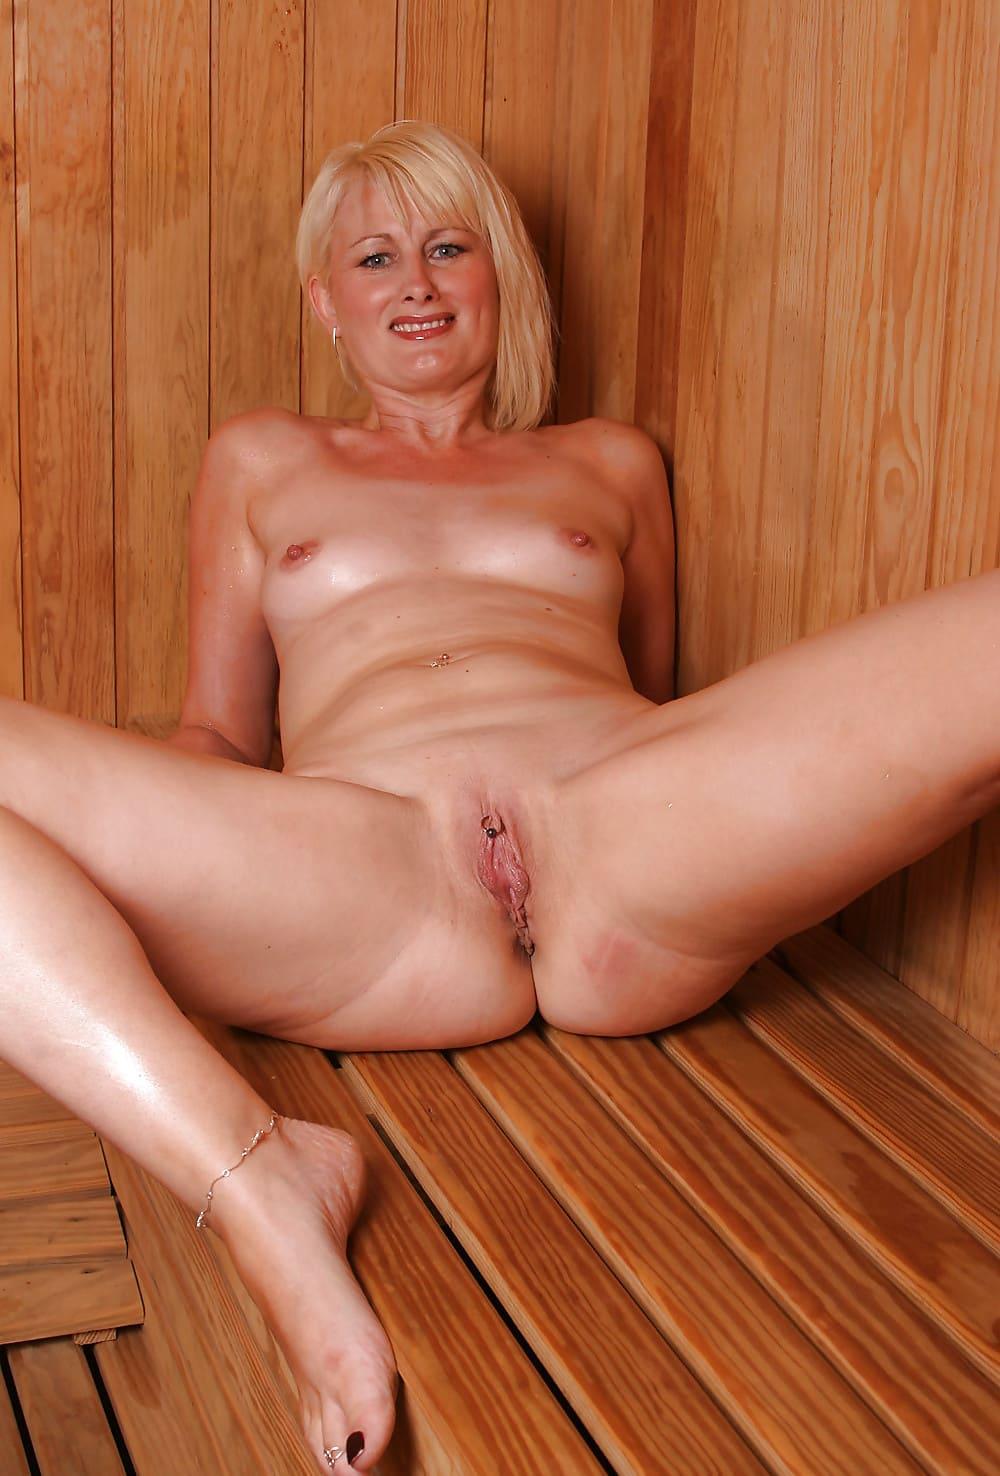 голые бабы в бане порно блондинка лежит на деревянной скамейке, широко раздвинула ножки показывая свою пизду, на клиторе пирсинг, маленькие сиськи, педикюр темный лак, на пальчике кольцо и браслет на стопе